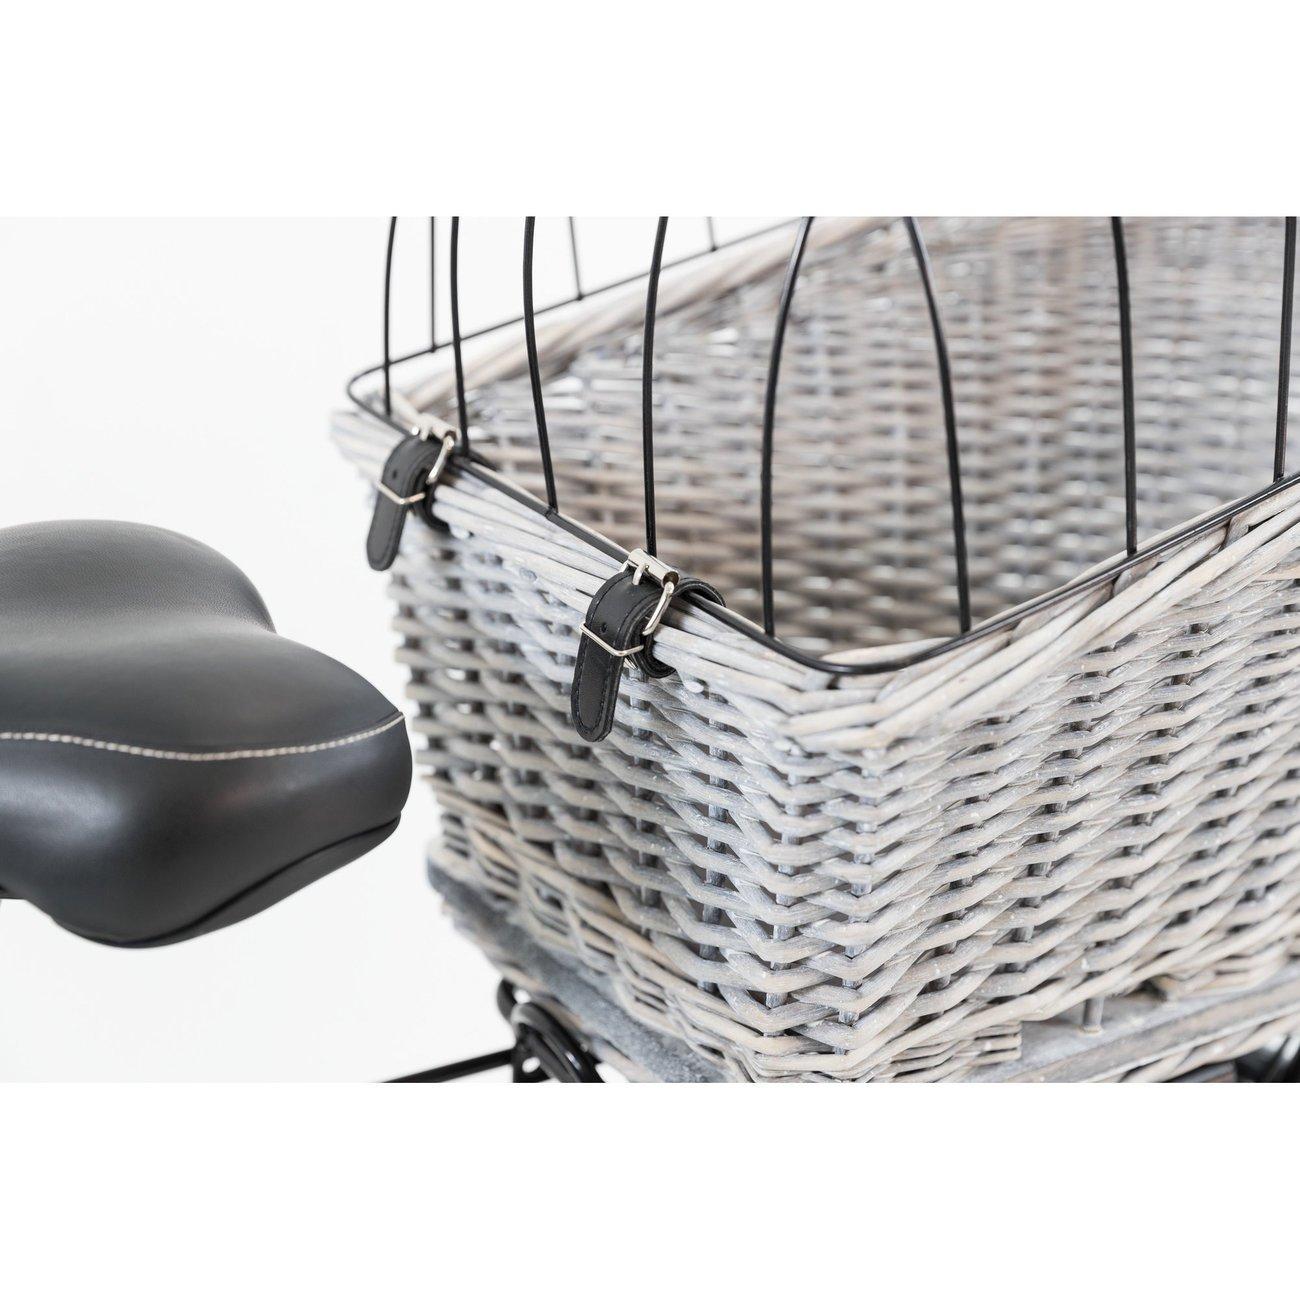 TRIXIE Fahrradkorb für Gepäckträger 13114, Bild 12